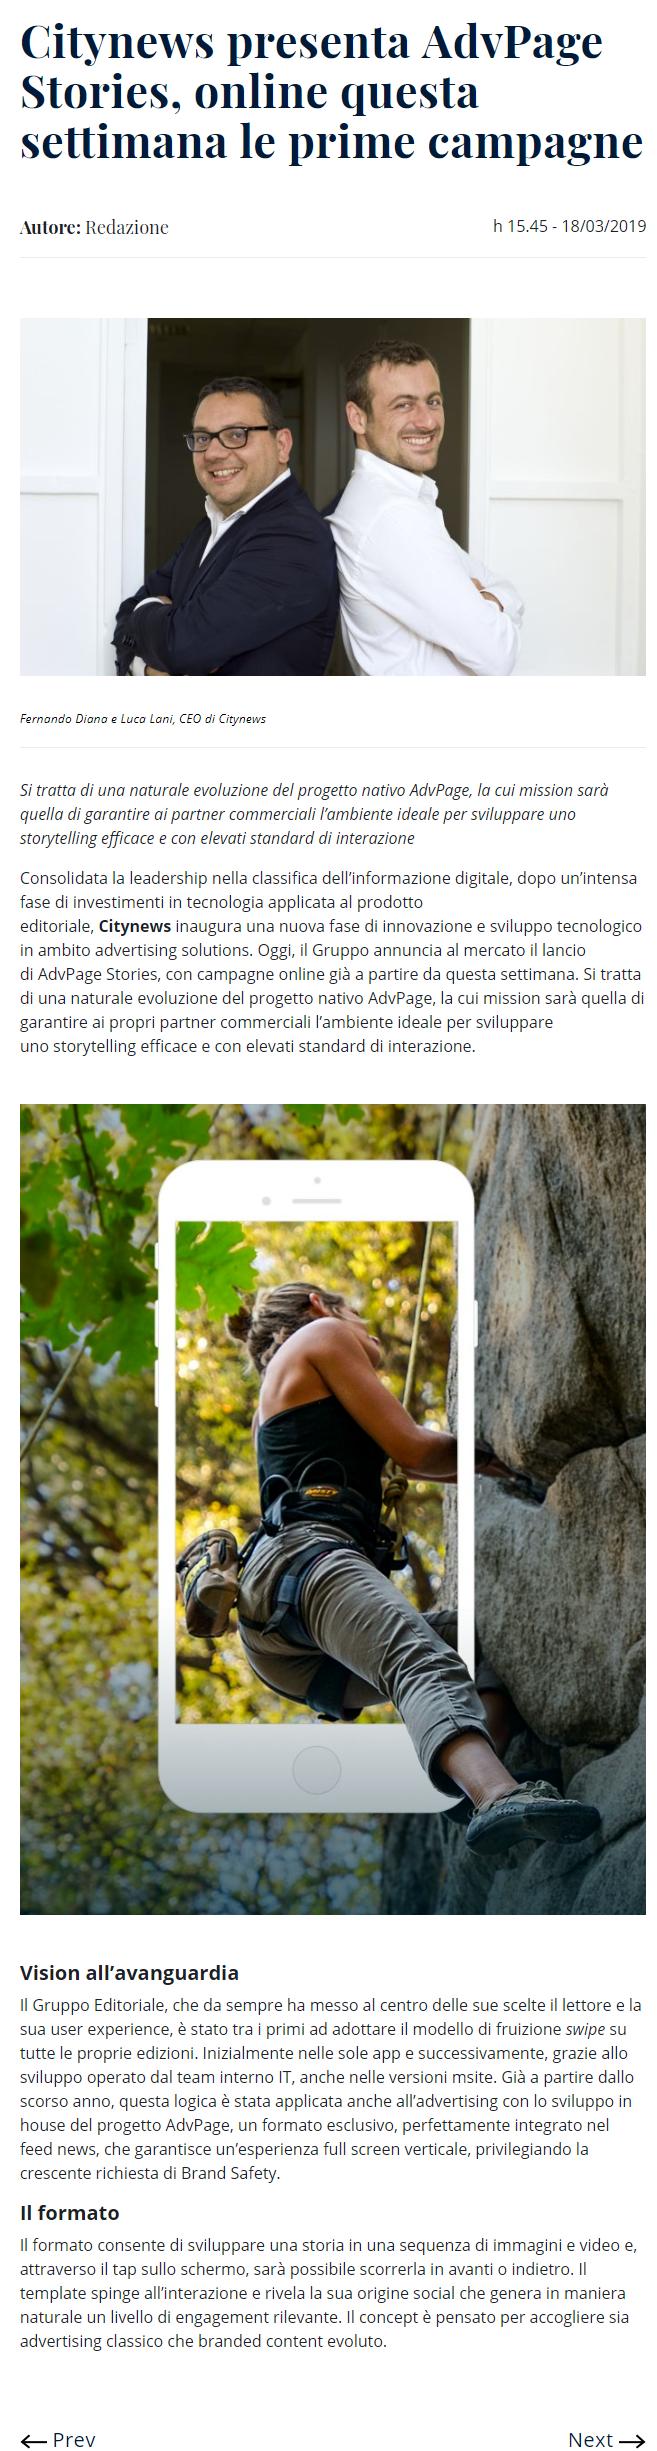 Citynews presenta AdvPage Stories, online questa settimana le prime campagne - DailyOnline - 18 marzo 2019